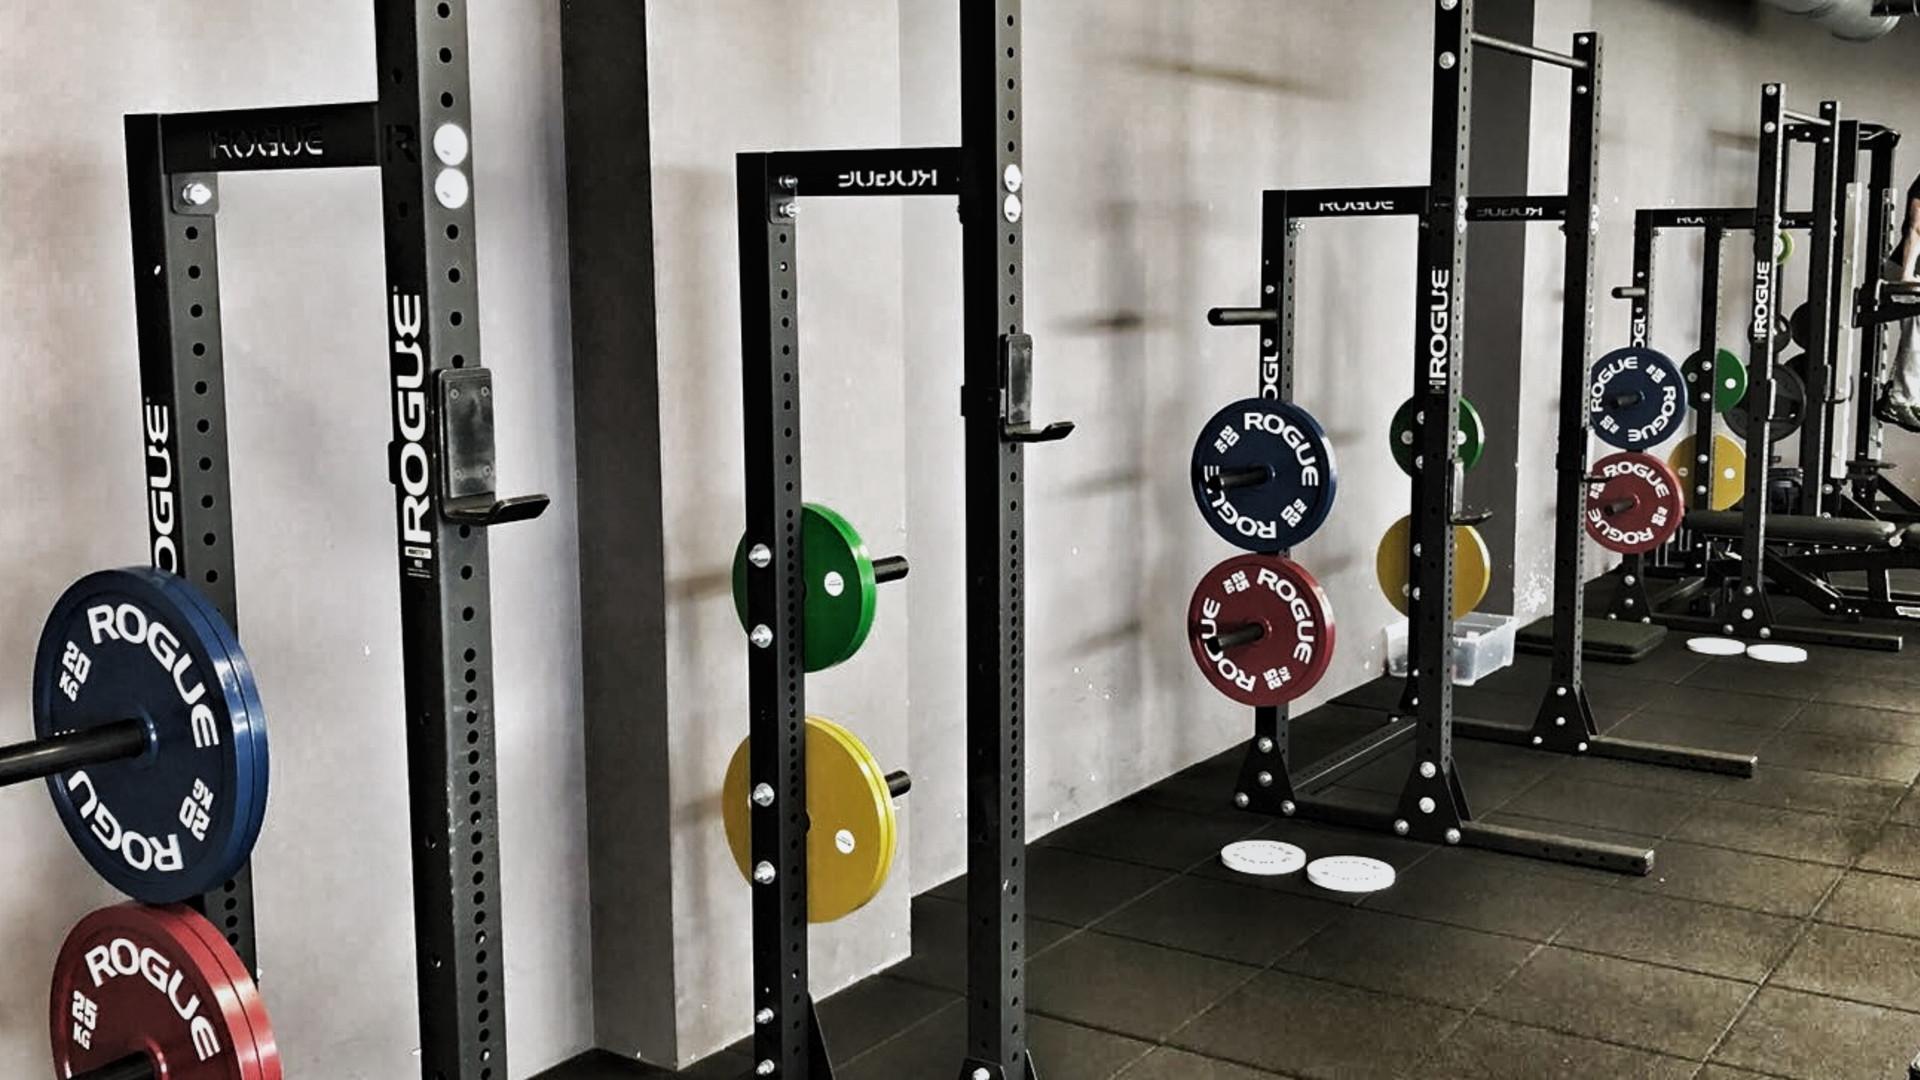 One Gym prezzi